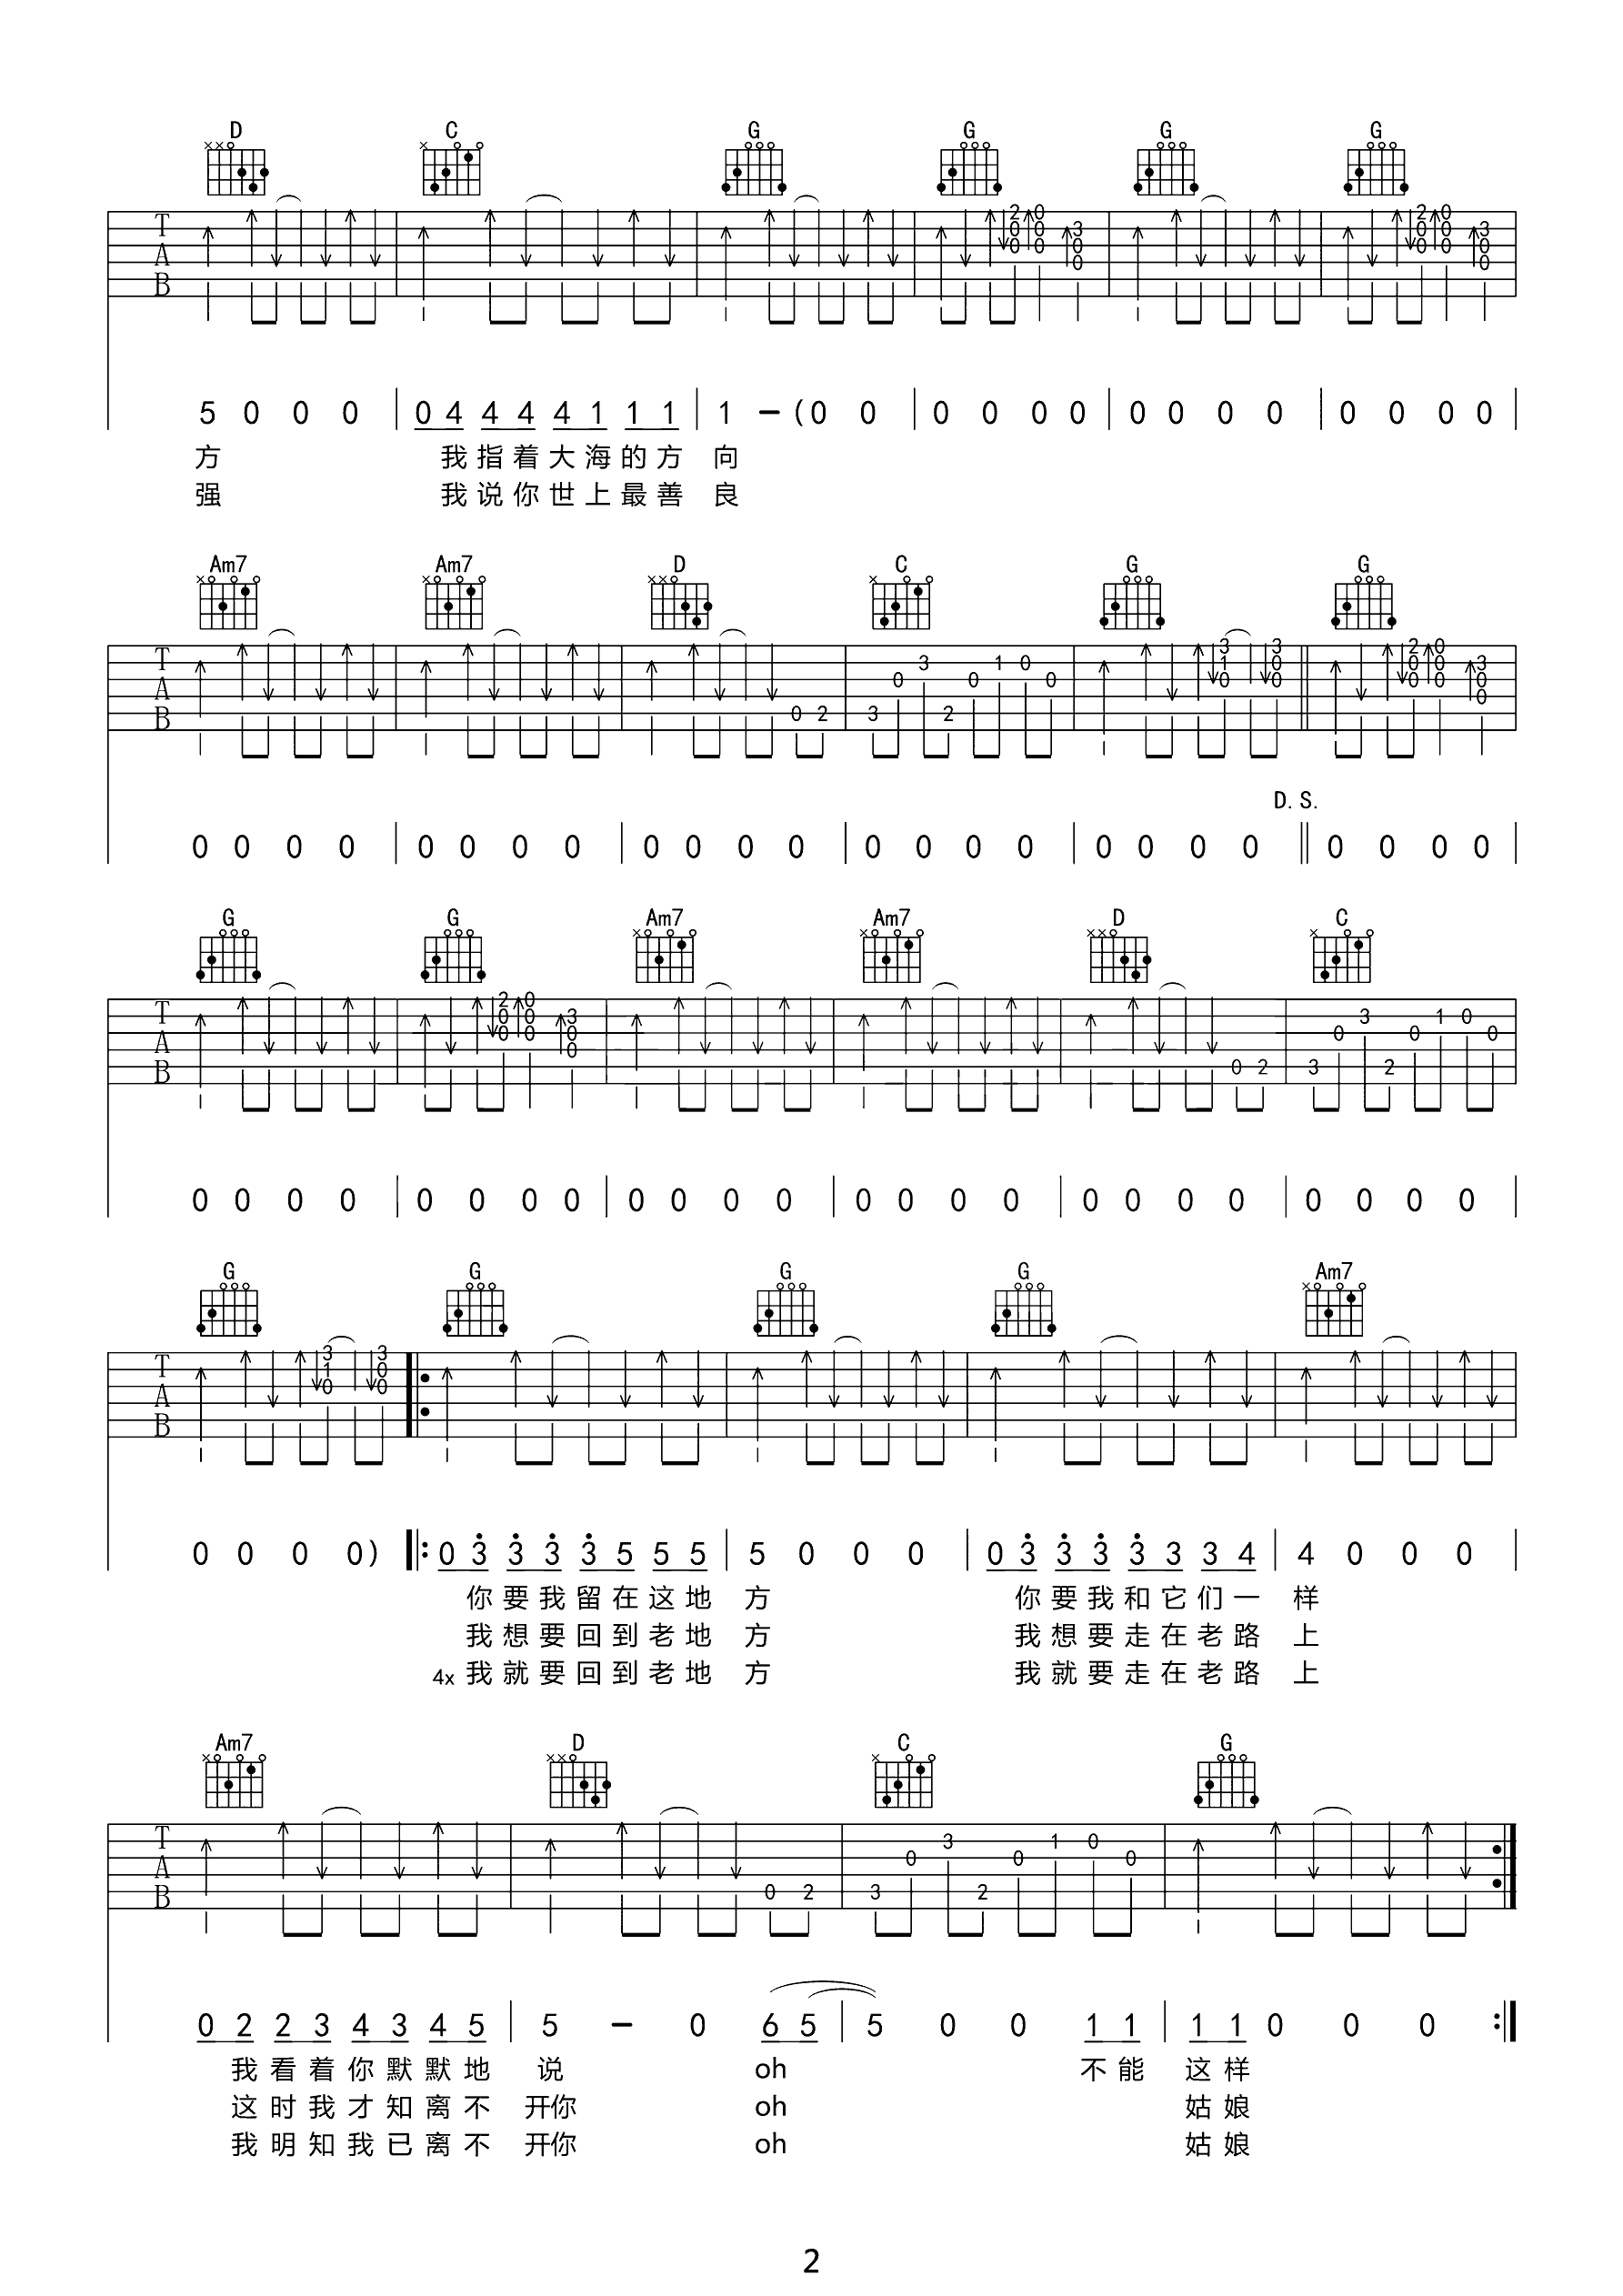 崔健-花房姑娘吉他谱-2